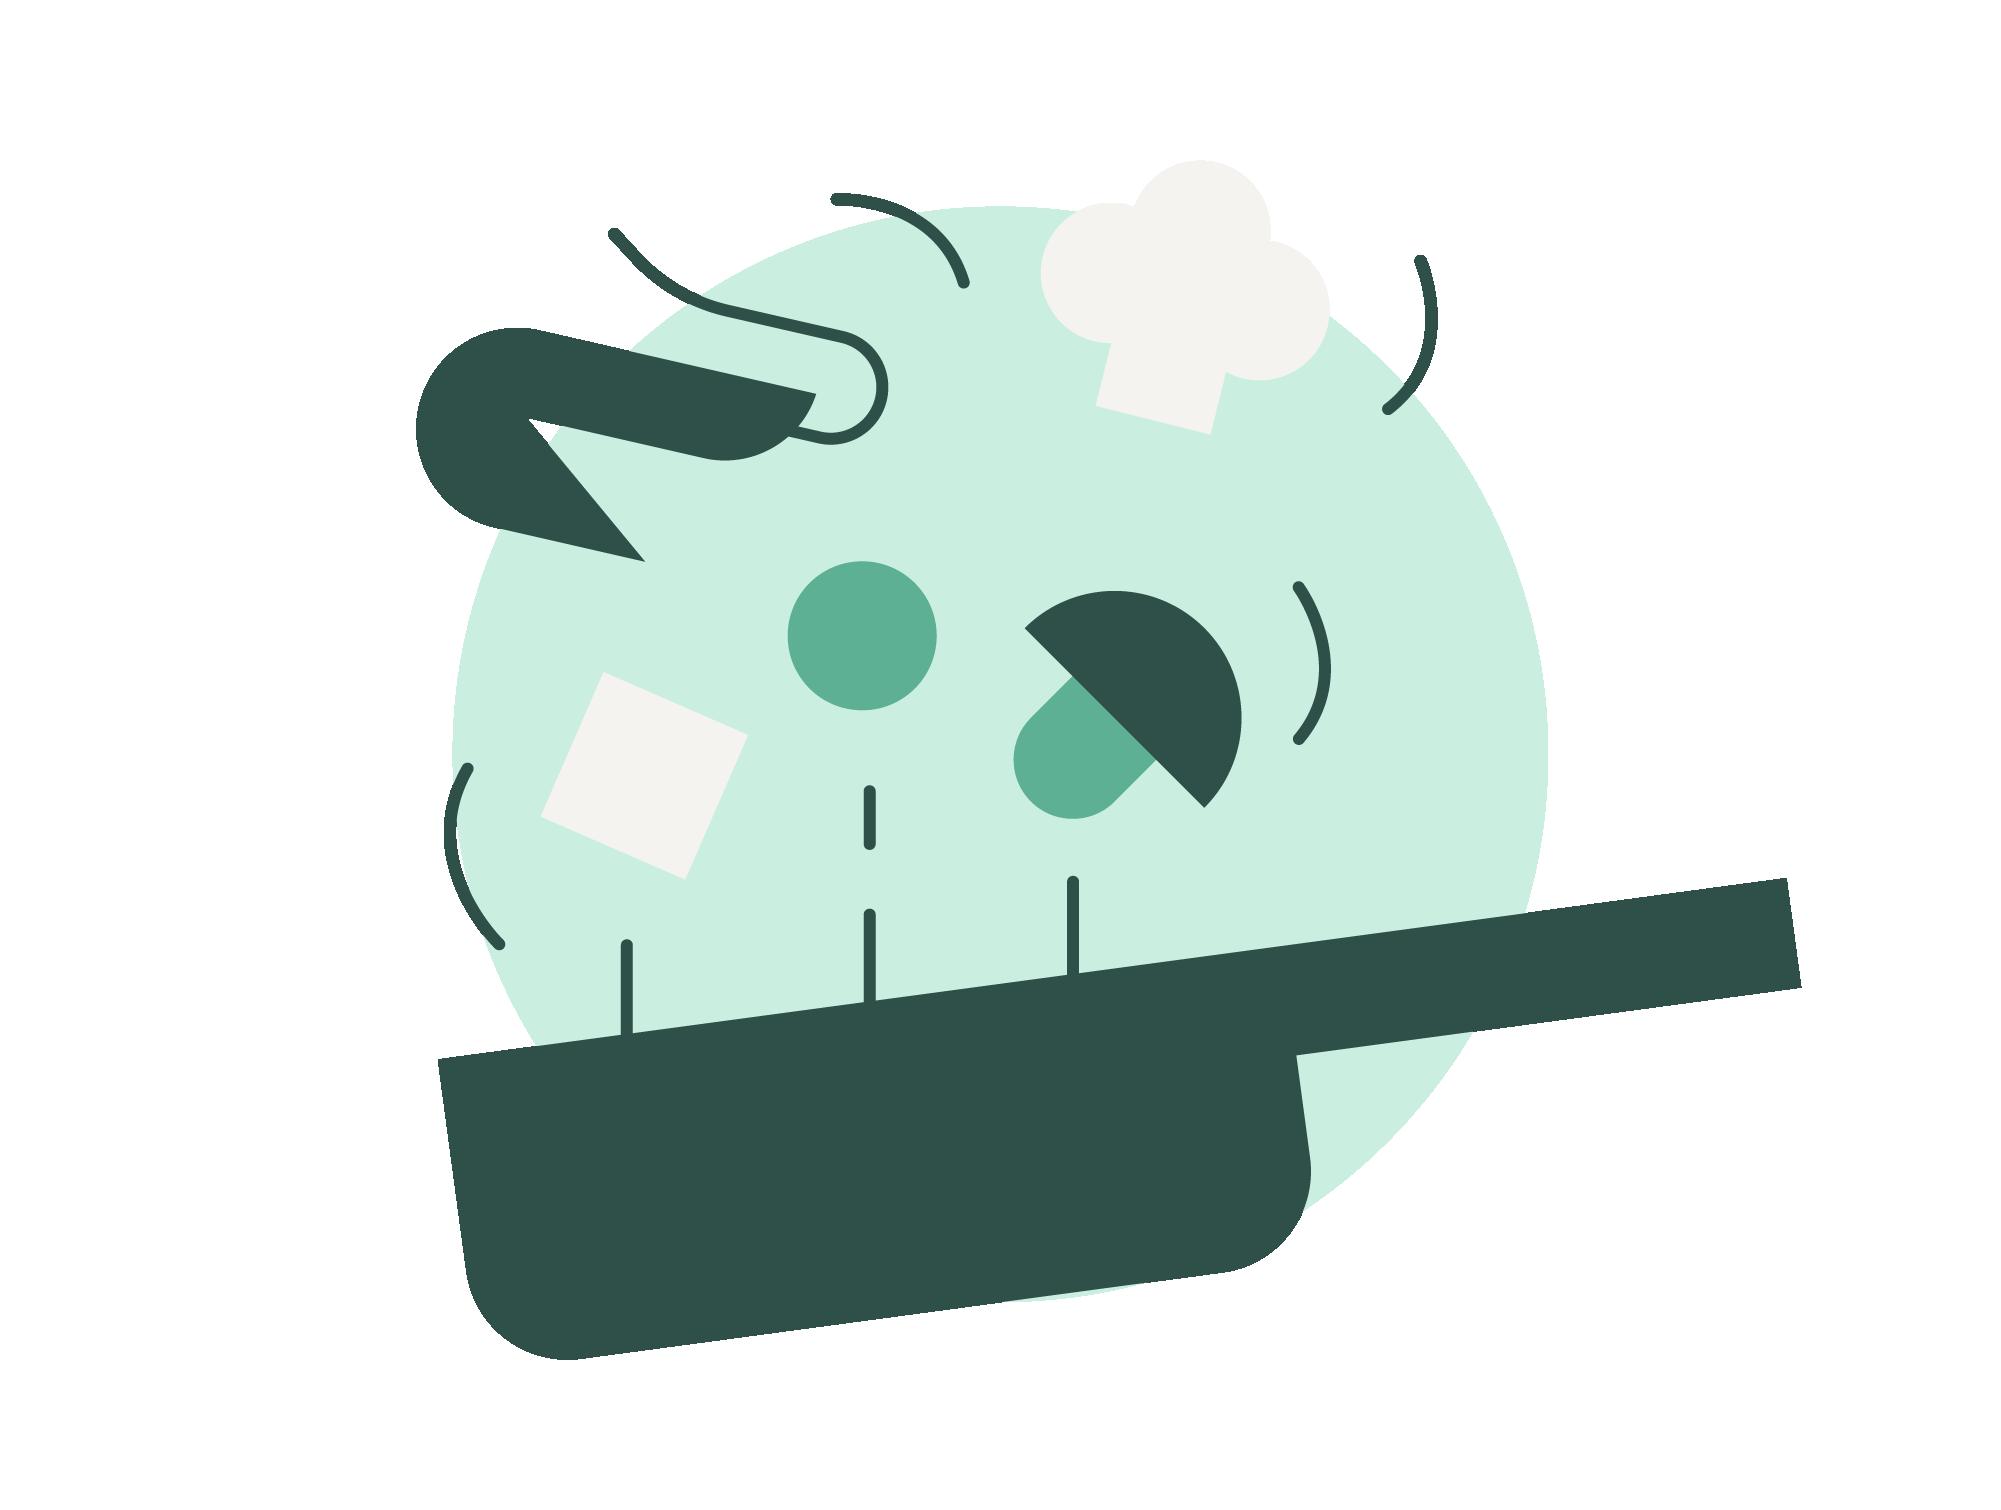 sauté pan kitchen icon